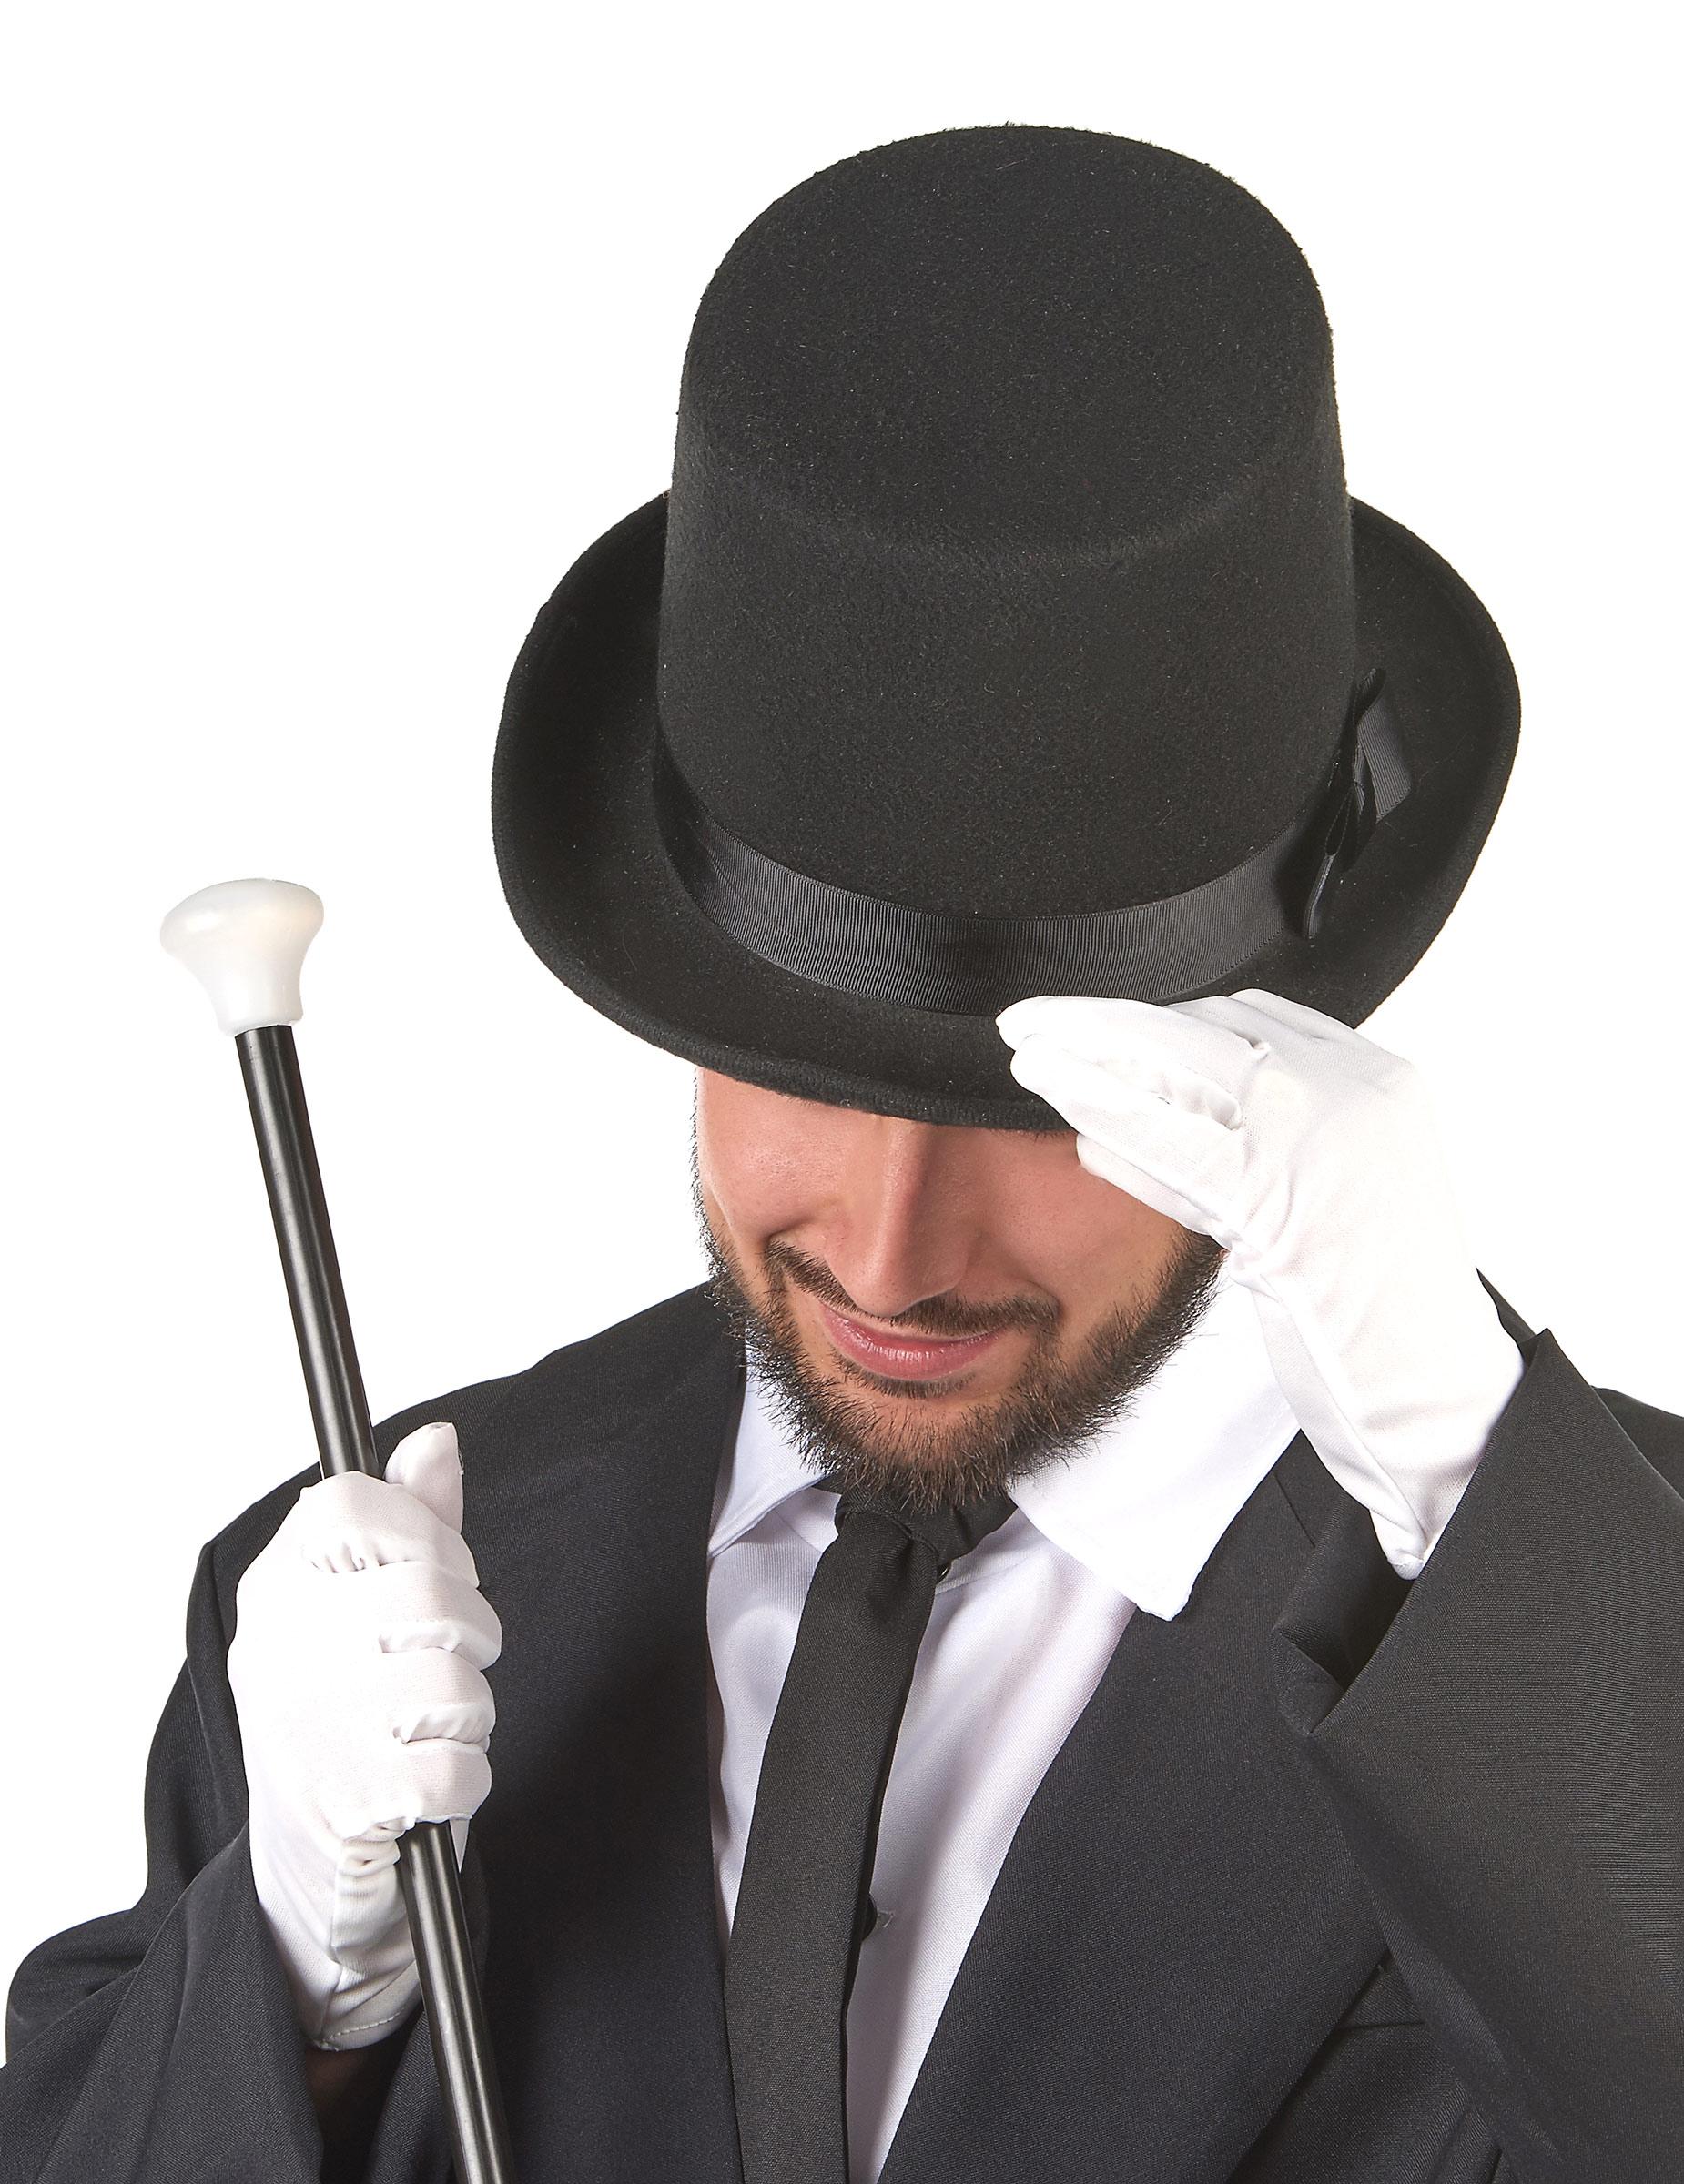 Chapeau haut de forme noir adulte deguise toi achat de chapeaux - Haut de forme pas cher ...